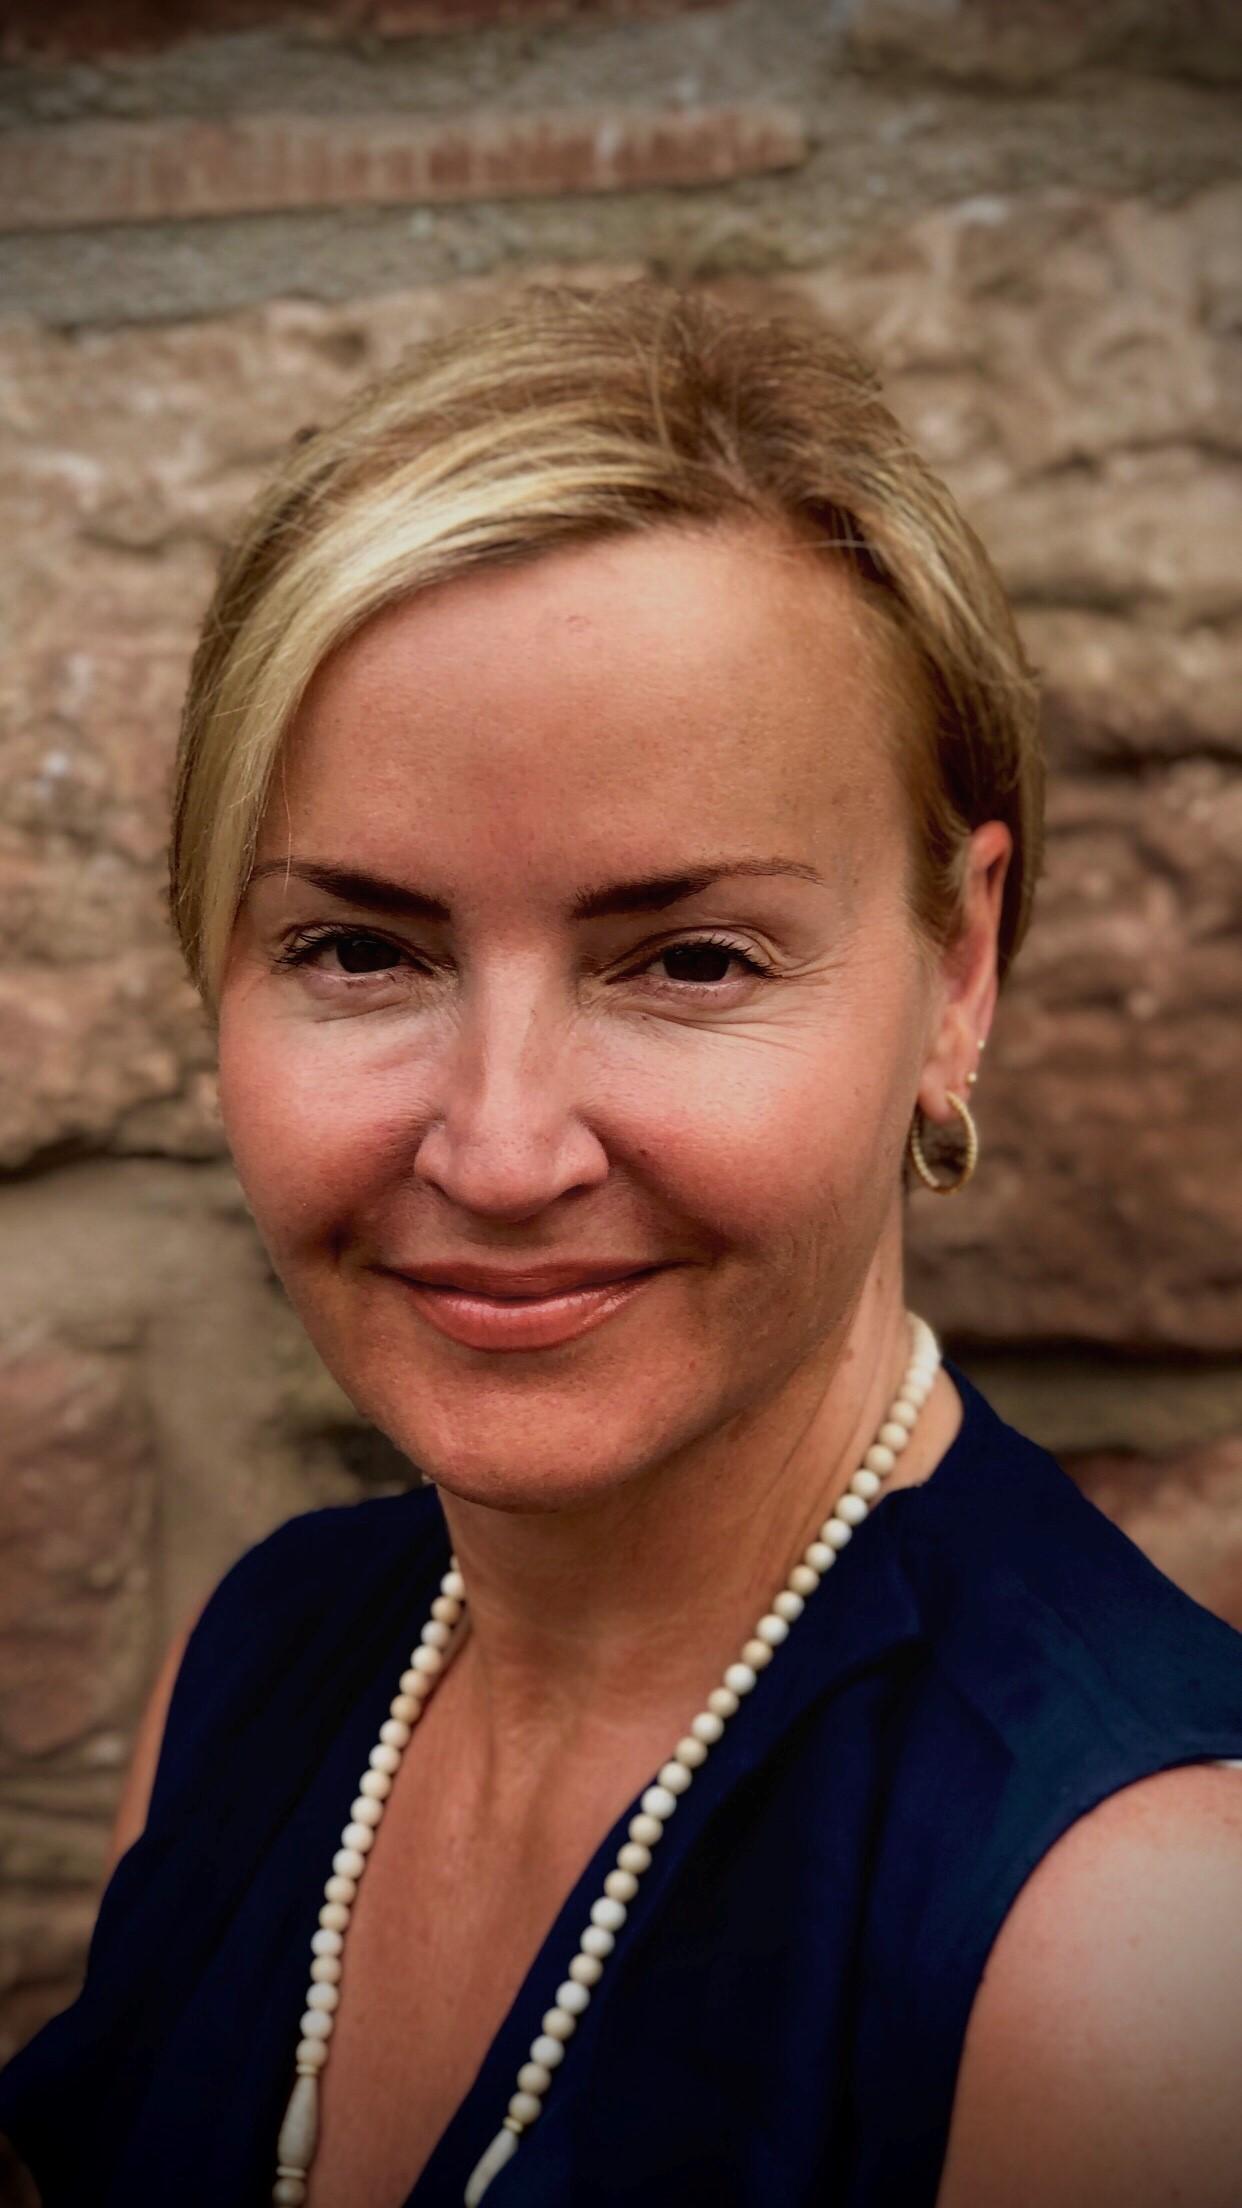 Rachael Hardman